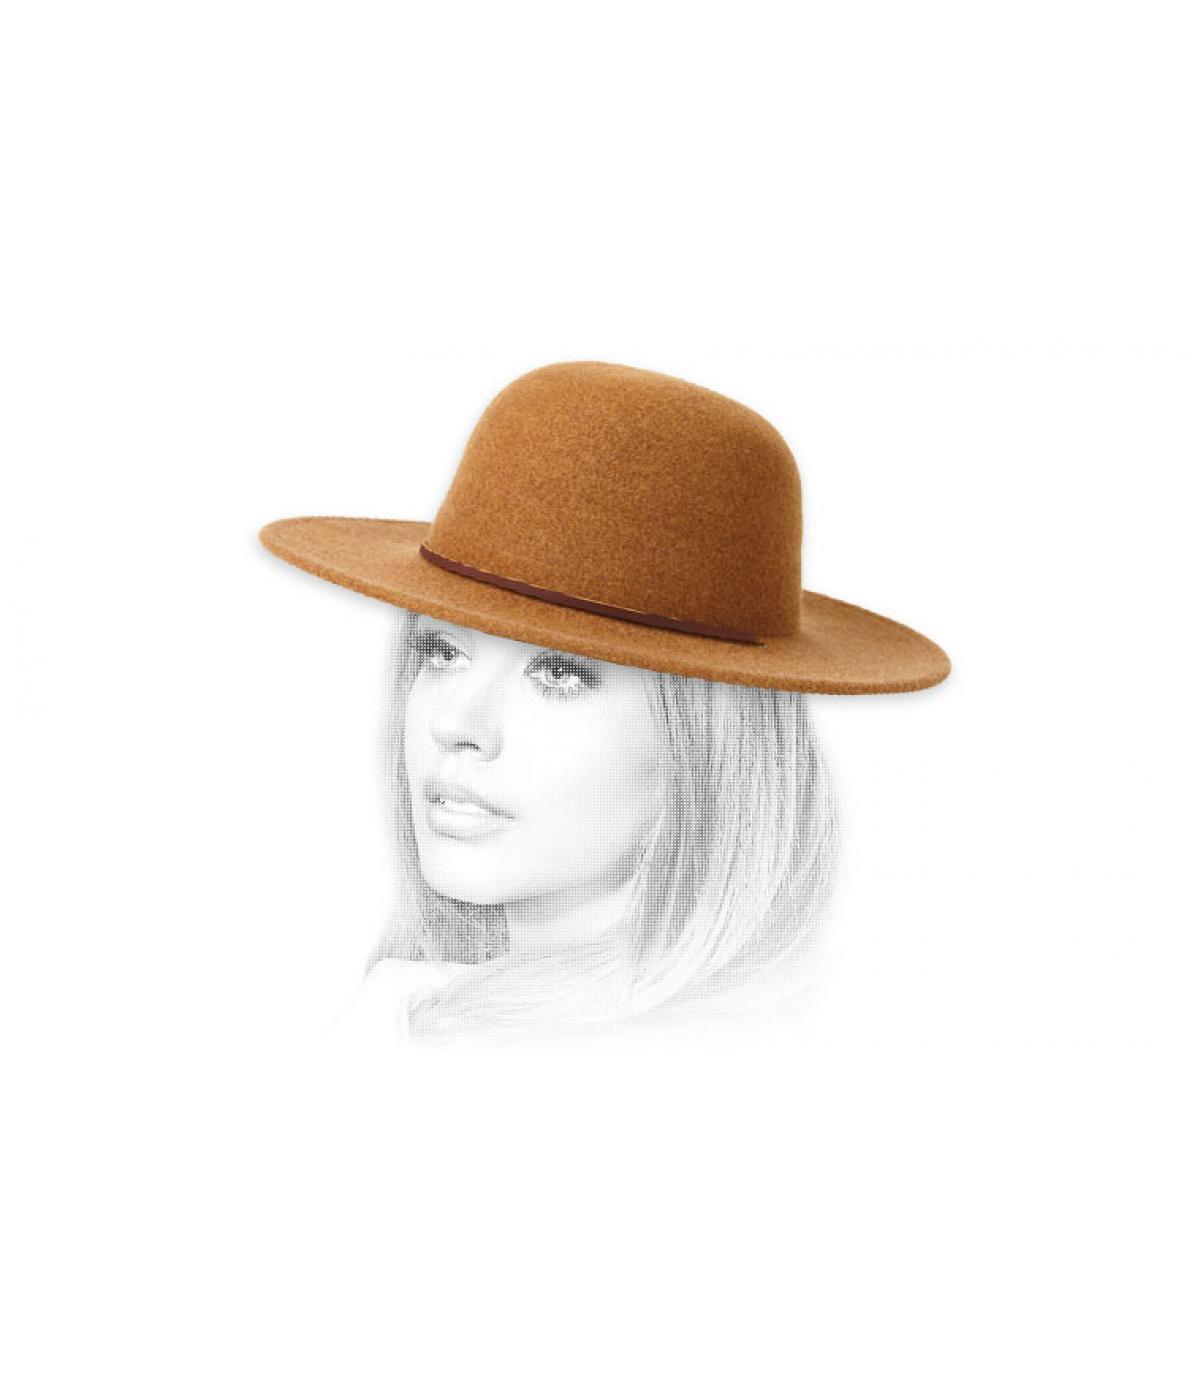 cappello di feltro donna beige